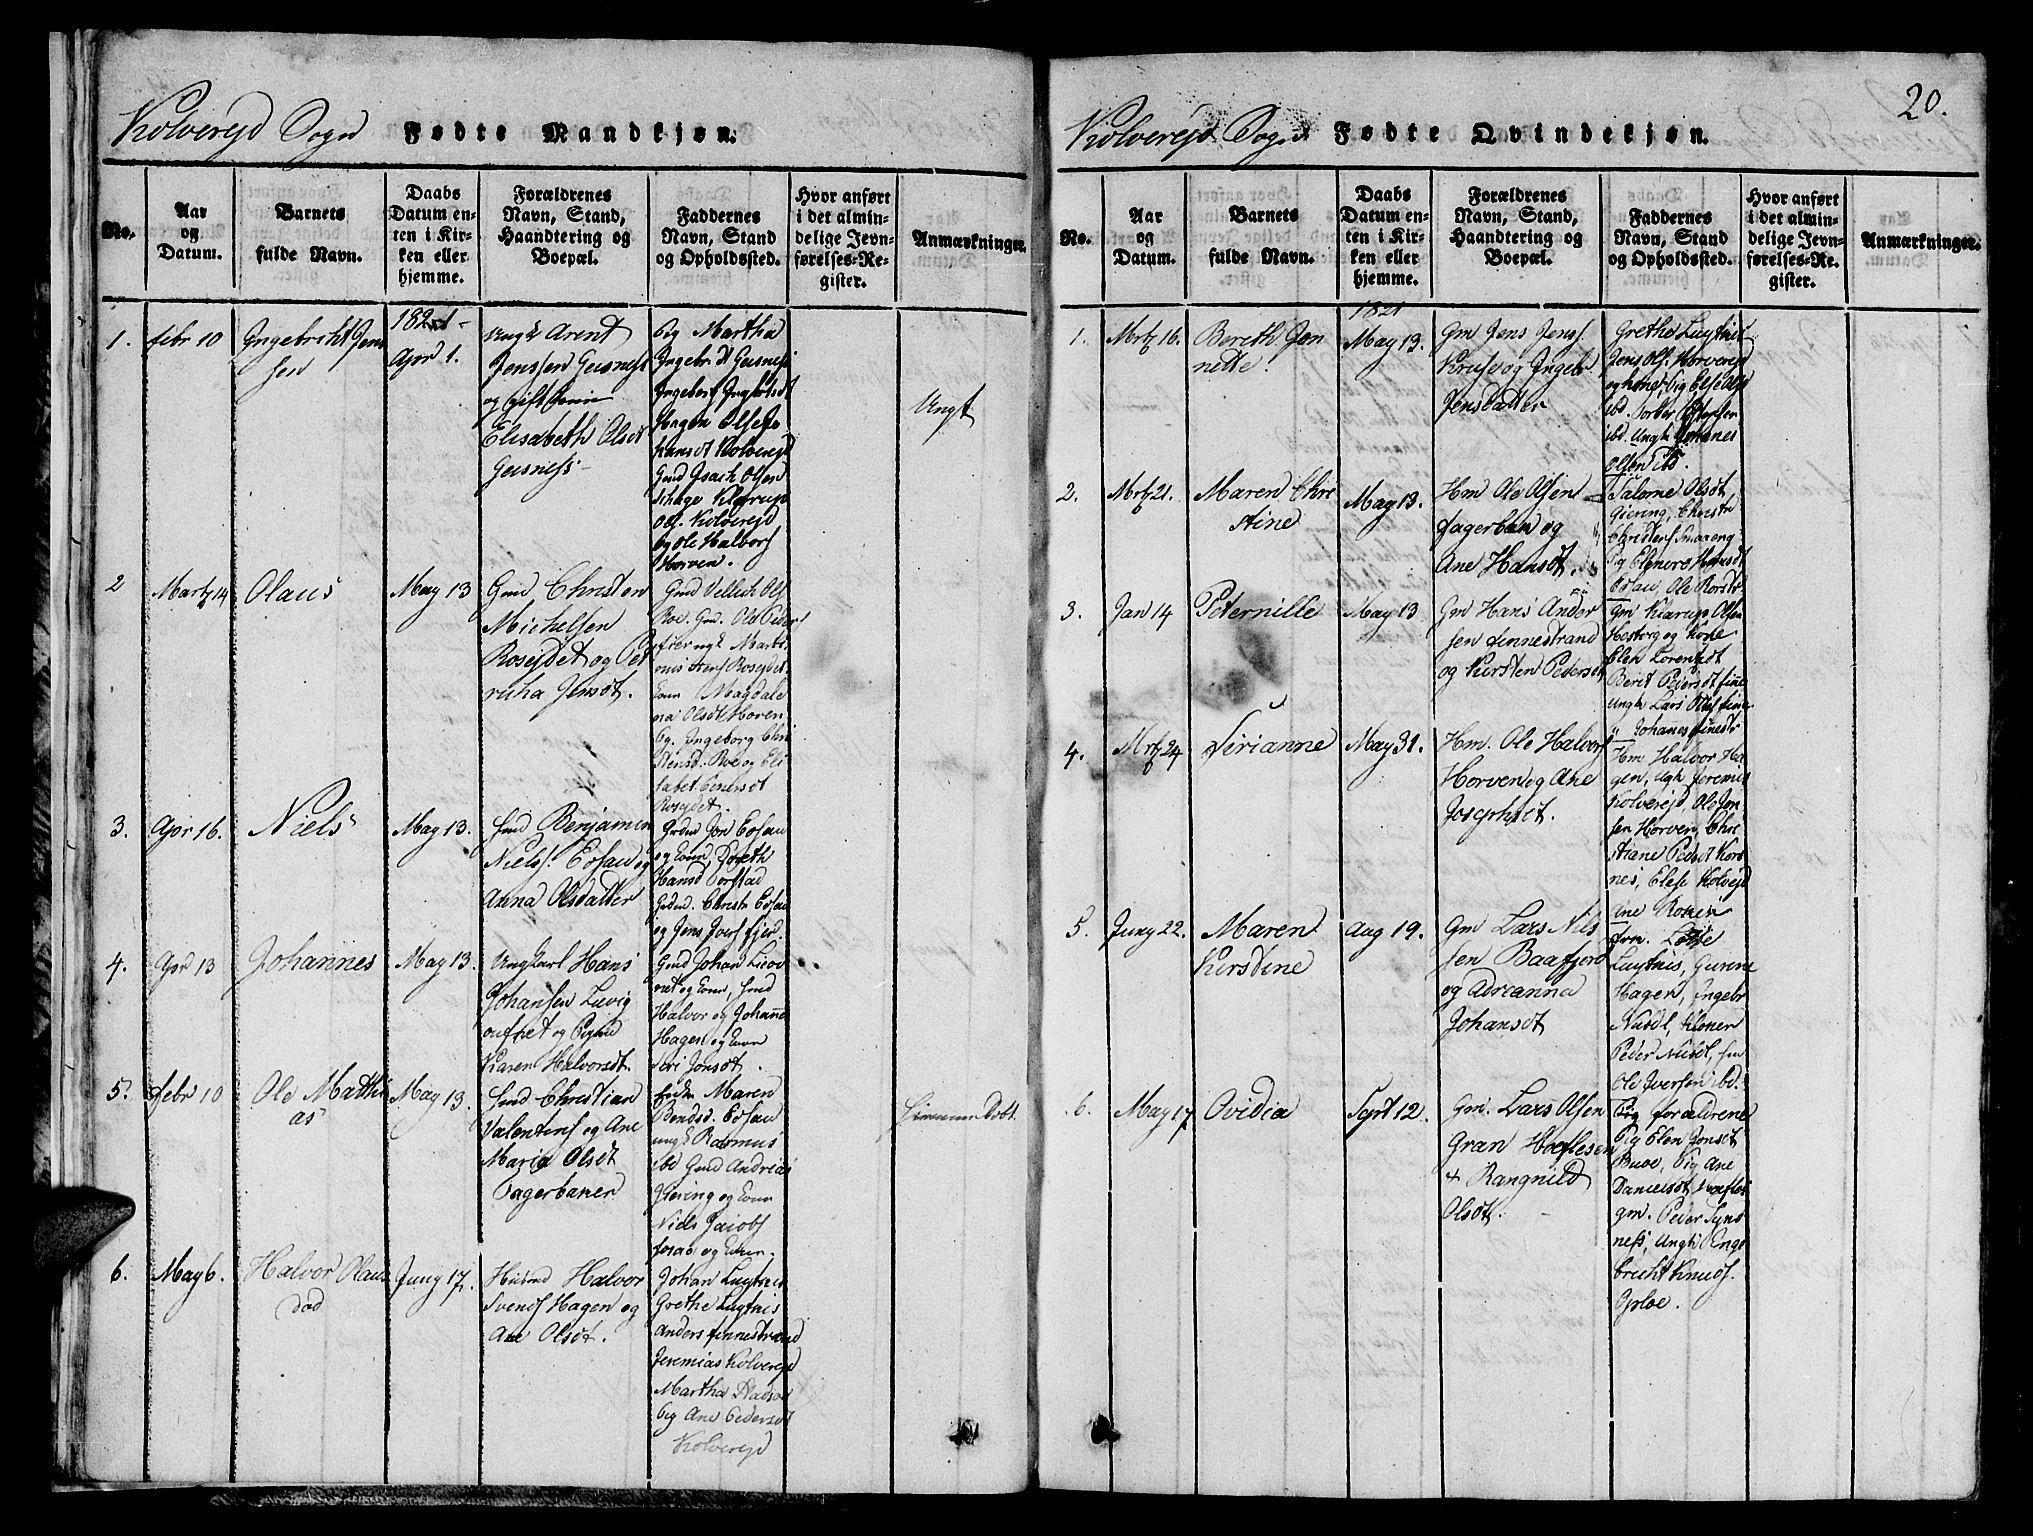 SAT, Ministerialprotokoller, klokkerbøker og fødselsregistre - Nord-Trøndelag, 780/L0648: Klokkerbok nr. 780C01 /1, 1815-1870, s. 20